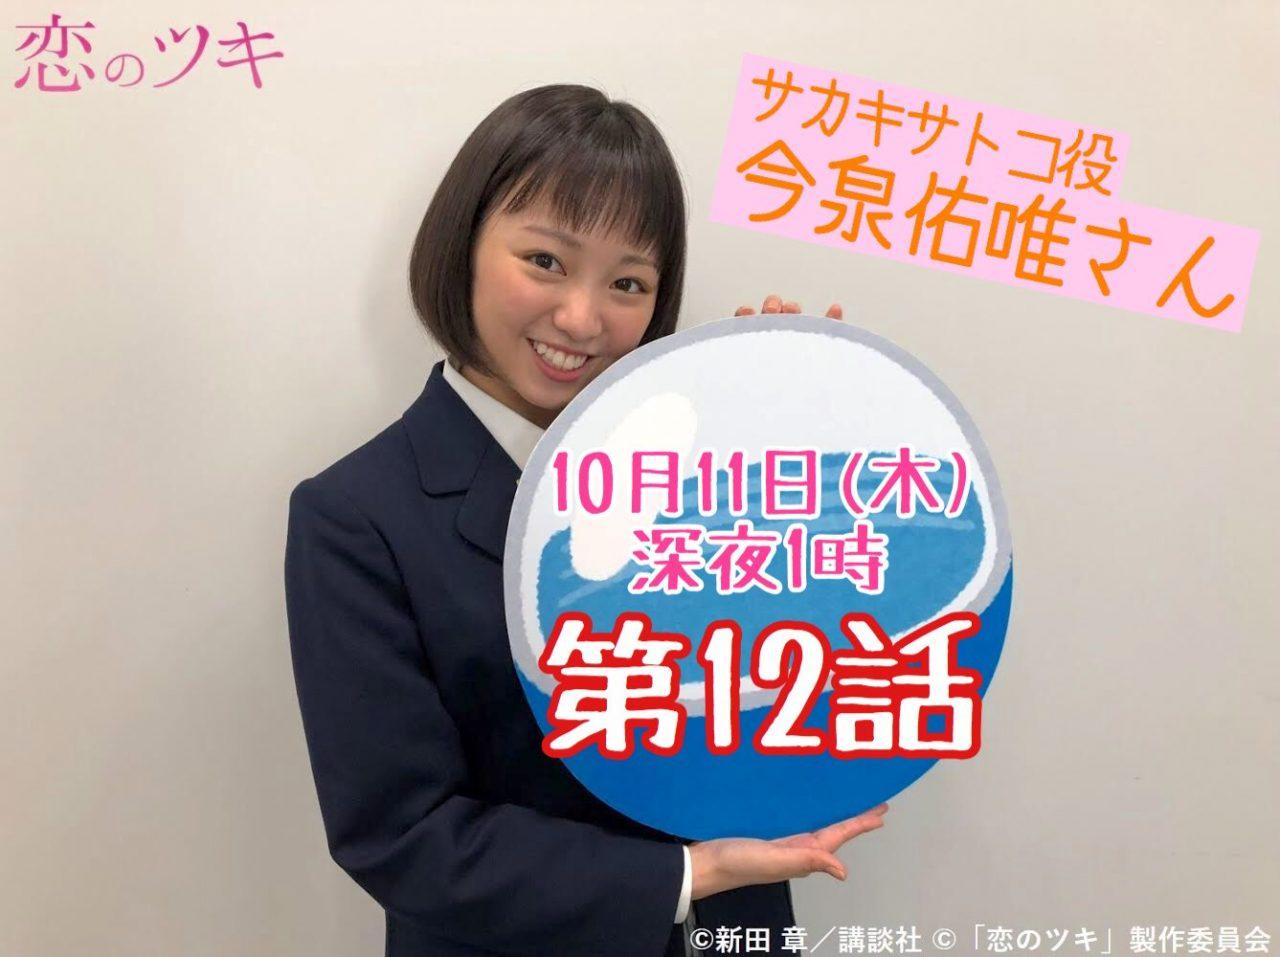 欅坂46今泉佑唯「木ドラ25 恋のツキ」最終話:感情のない海 [10/11 25:00~]